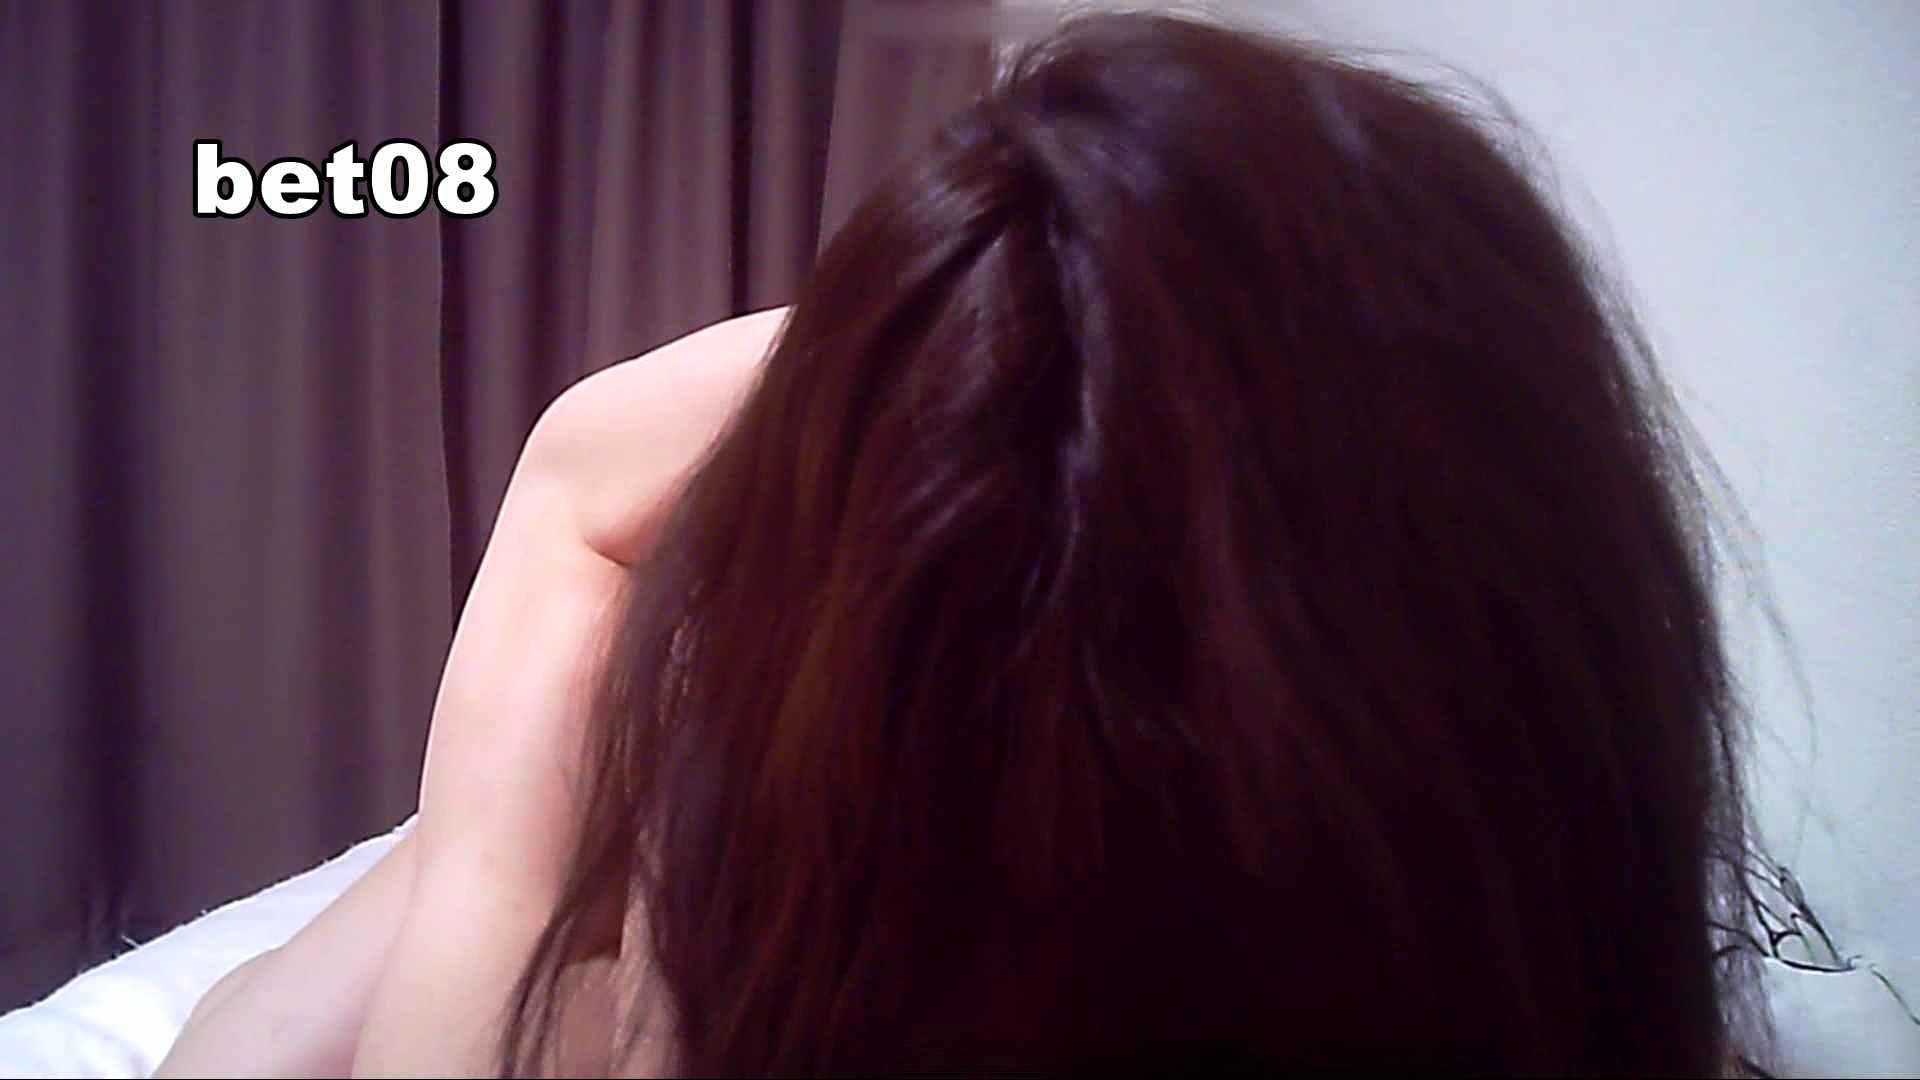 ミキ・大手旅行代理店勤務(24歳・仮名) vol.08 騎乗位ミキをご堪能下さい セックス | フェラ動画  81画像 7